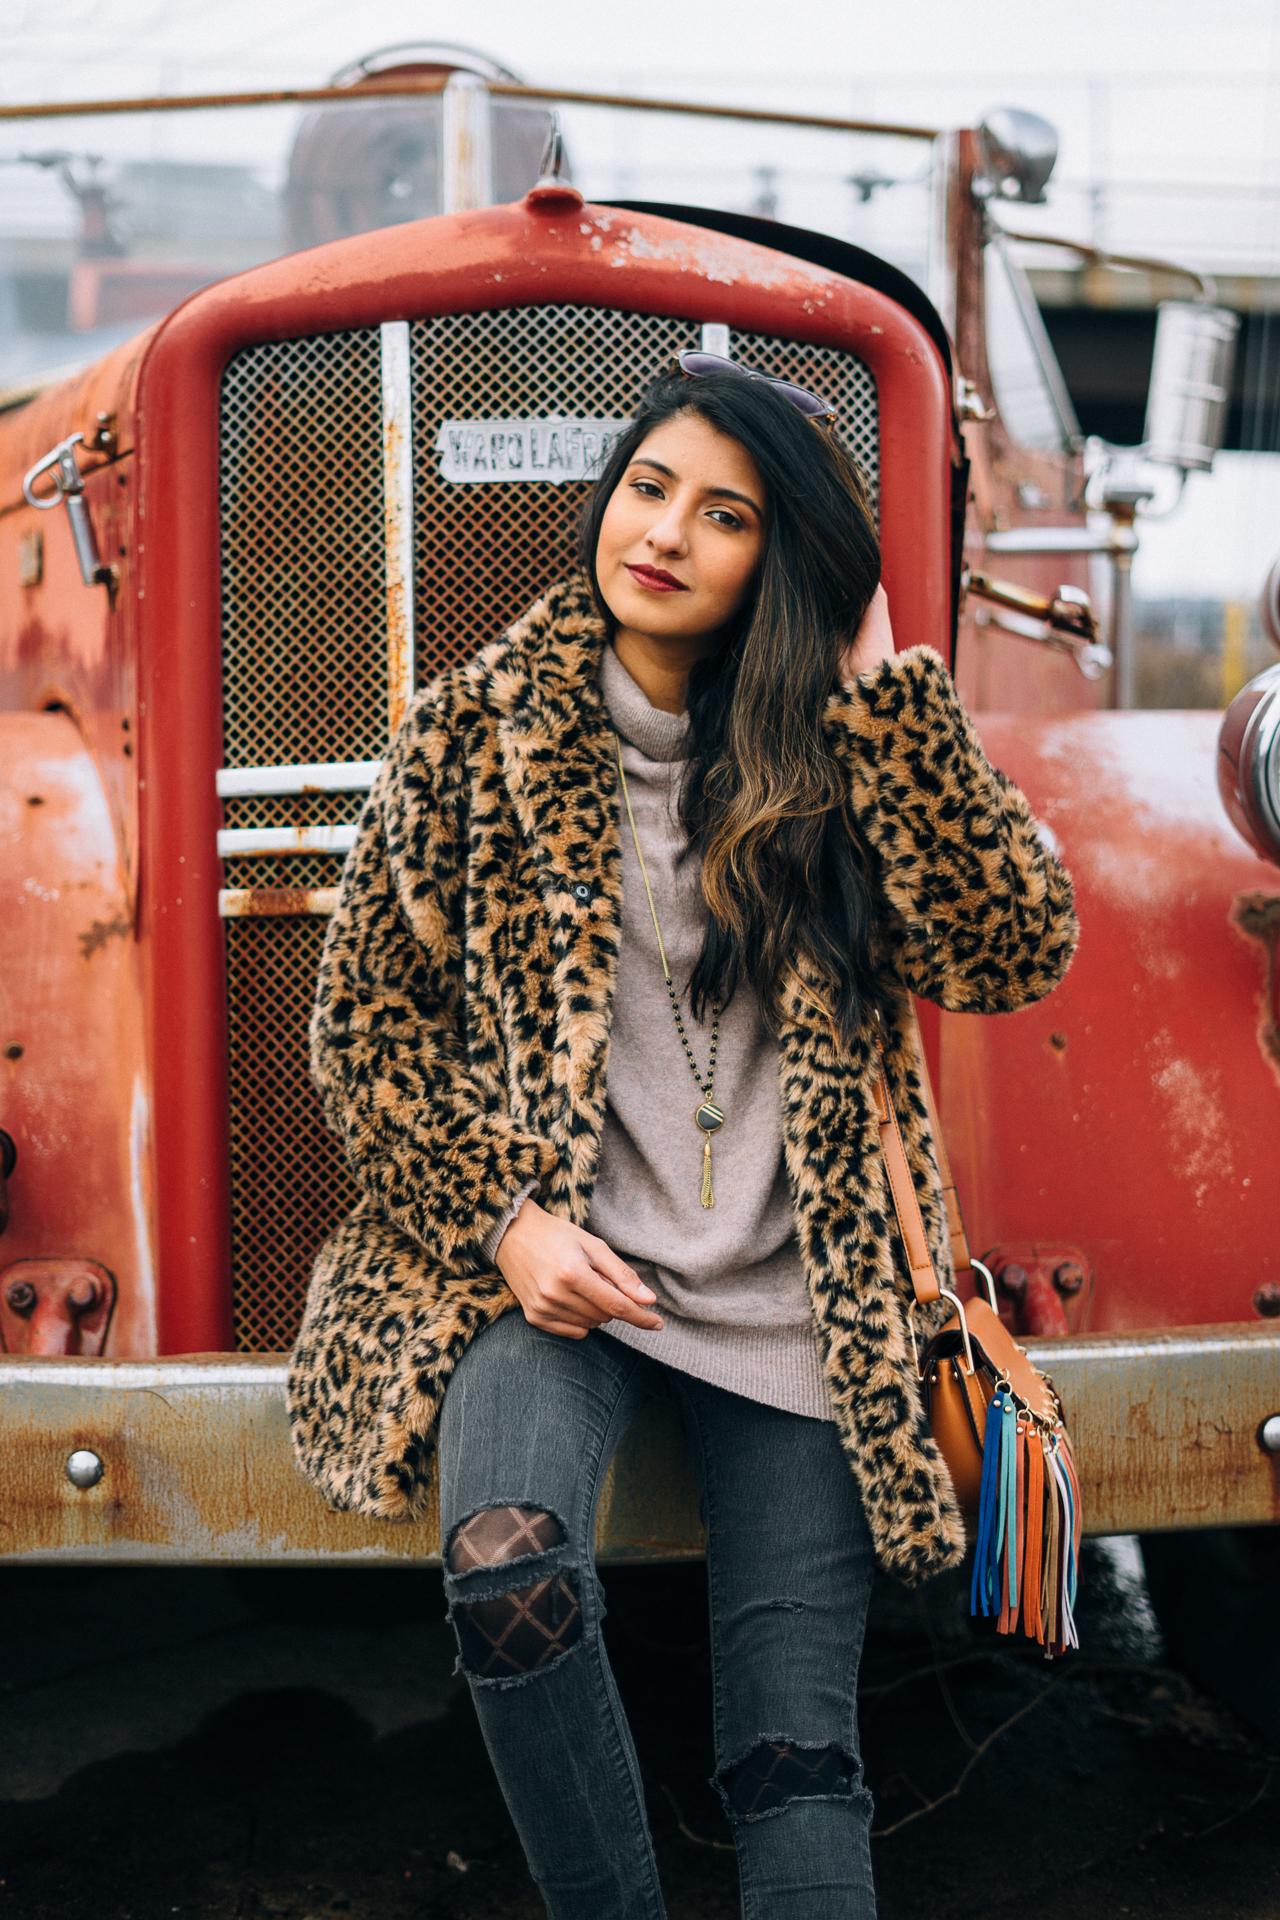 leopard-faux-fur-coat-velvet-boots-winter-style-blogger-outfit-retro-glam 2